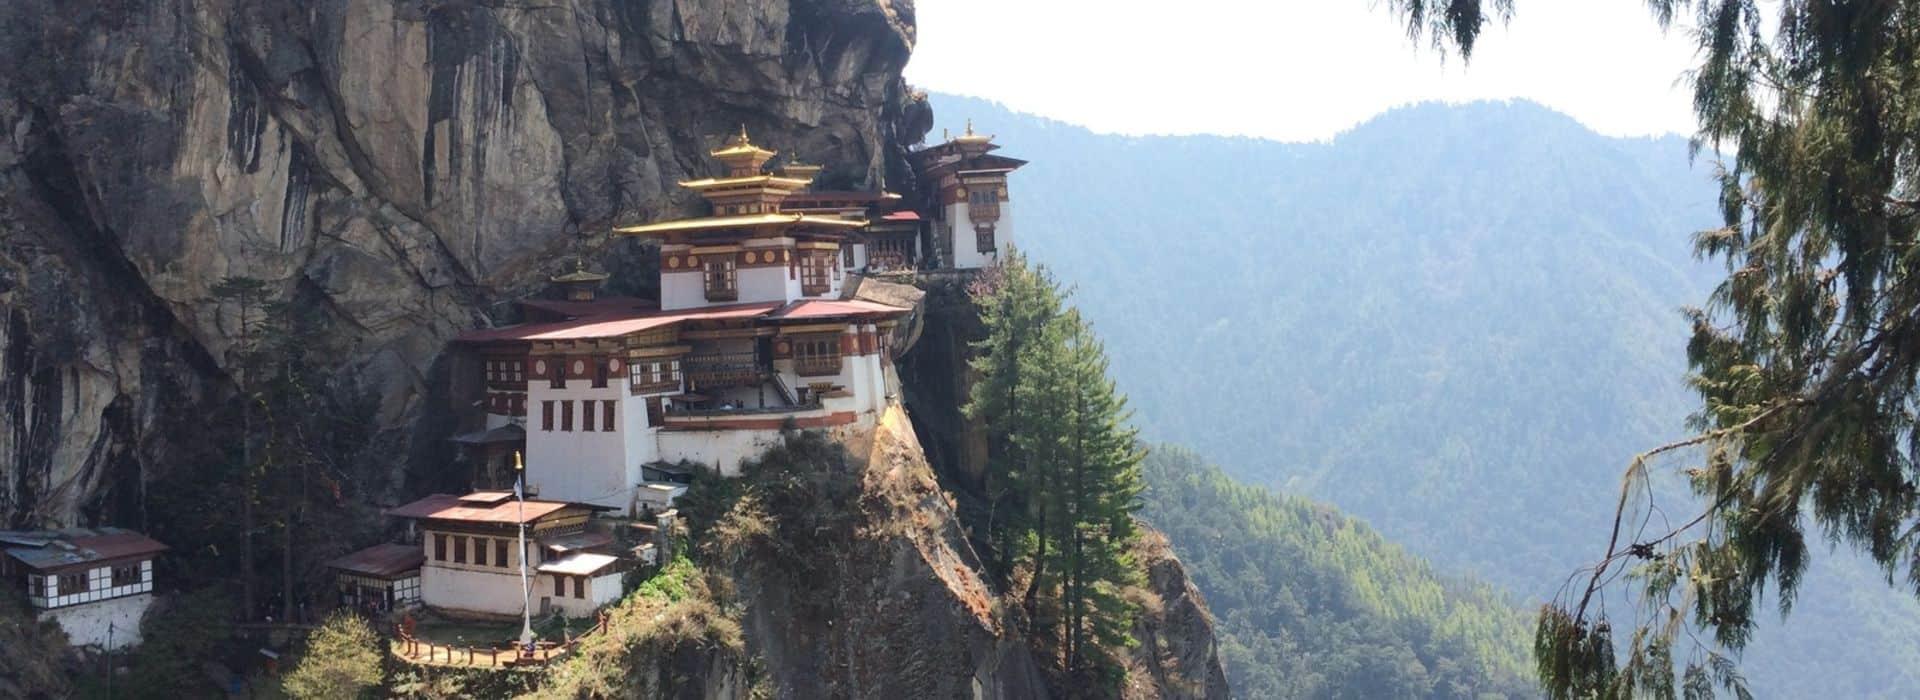 Bhutan Tour From Kathmandu